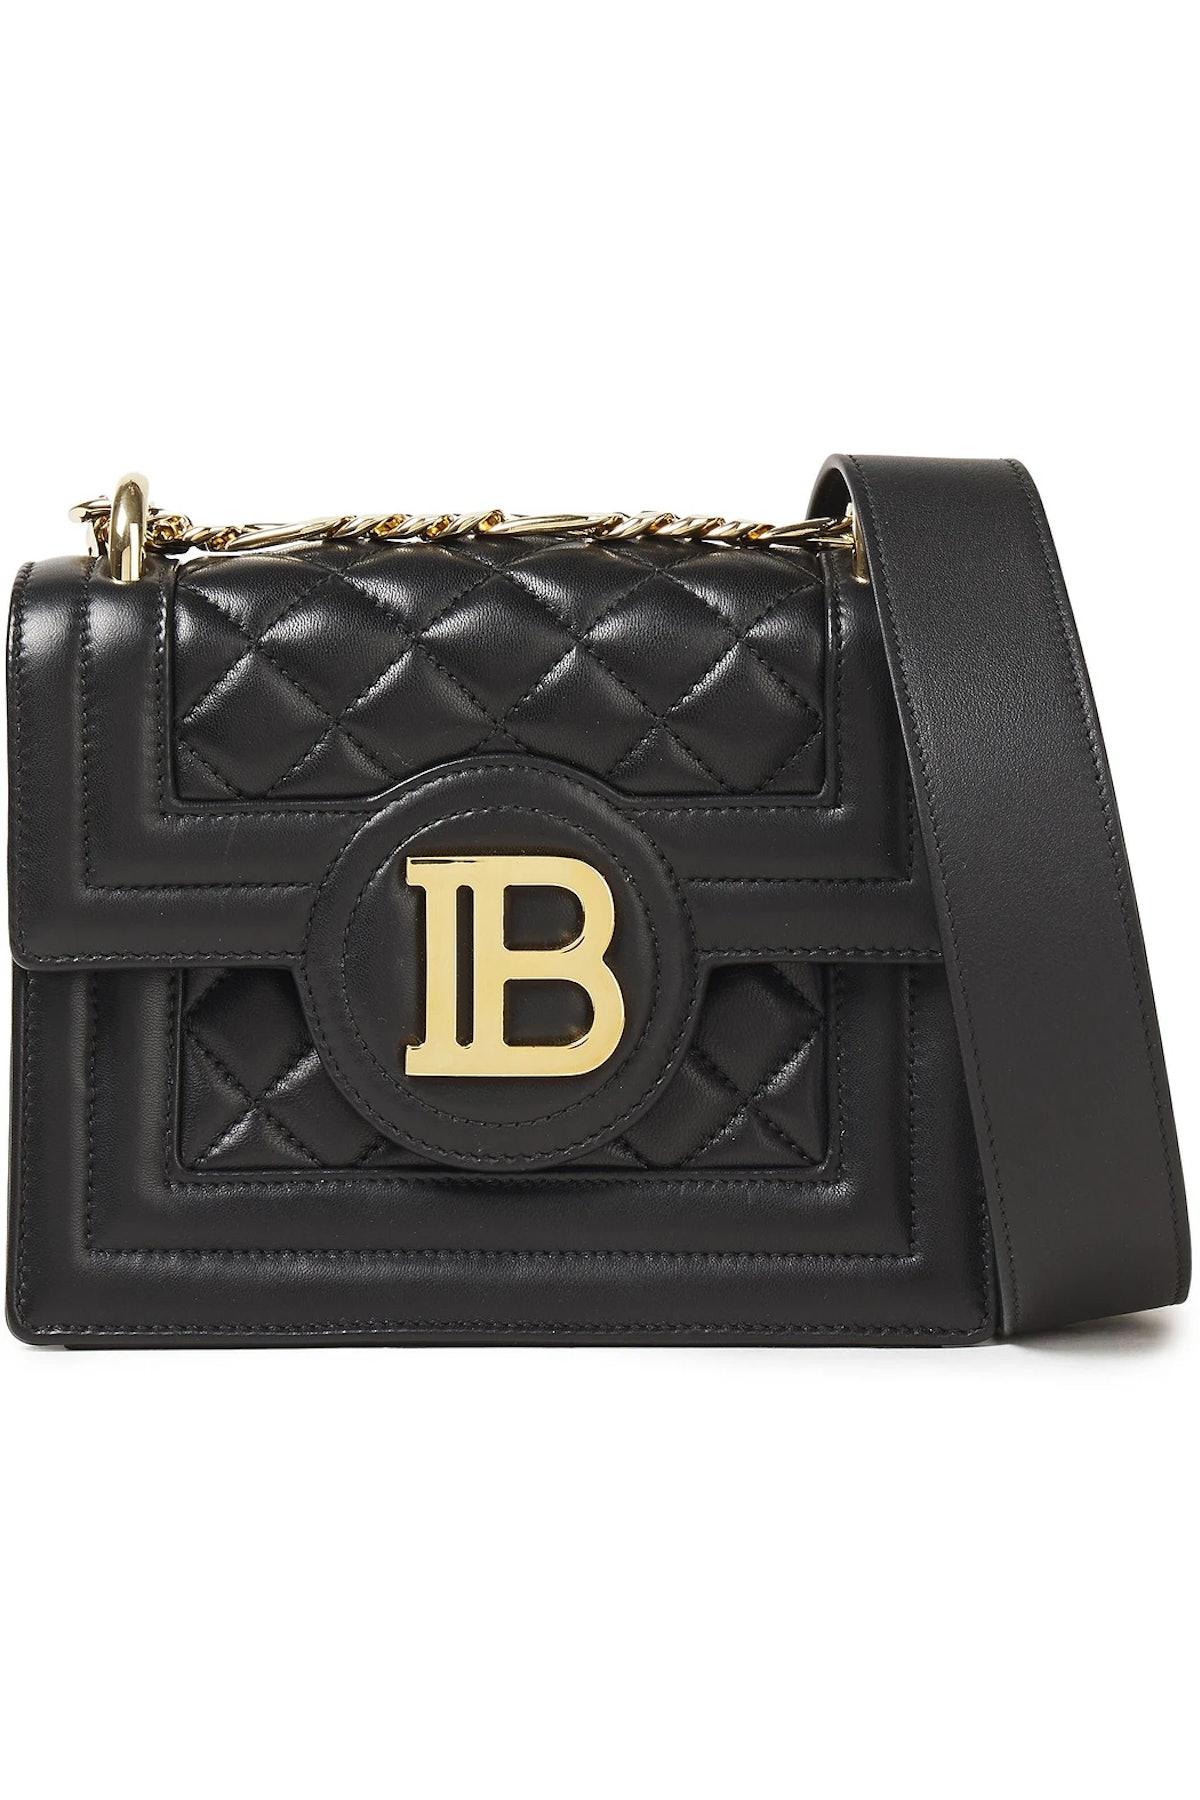 B Bag Quilted Leather Shoulder Bag